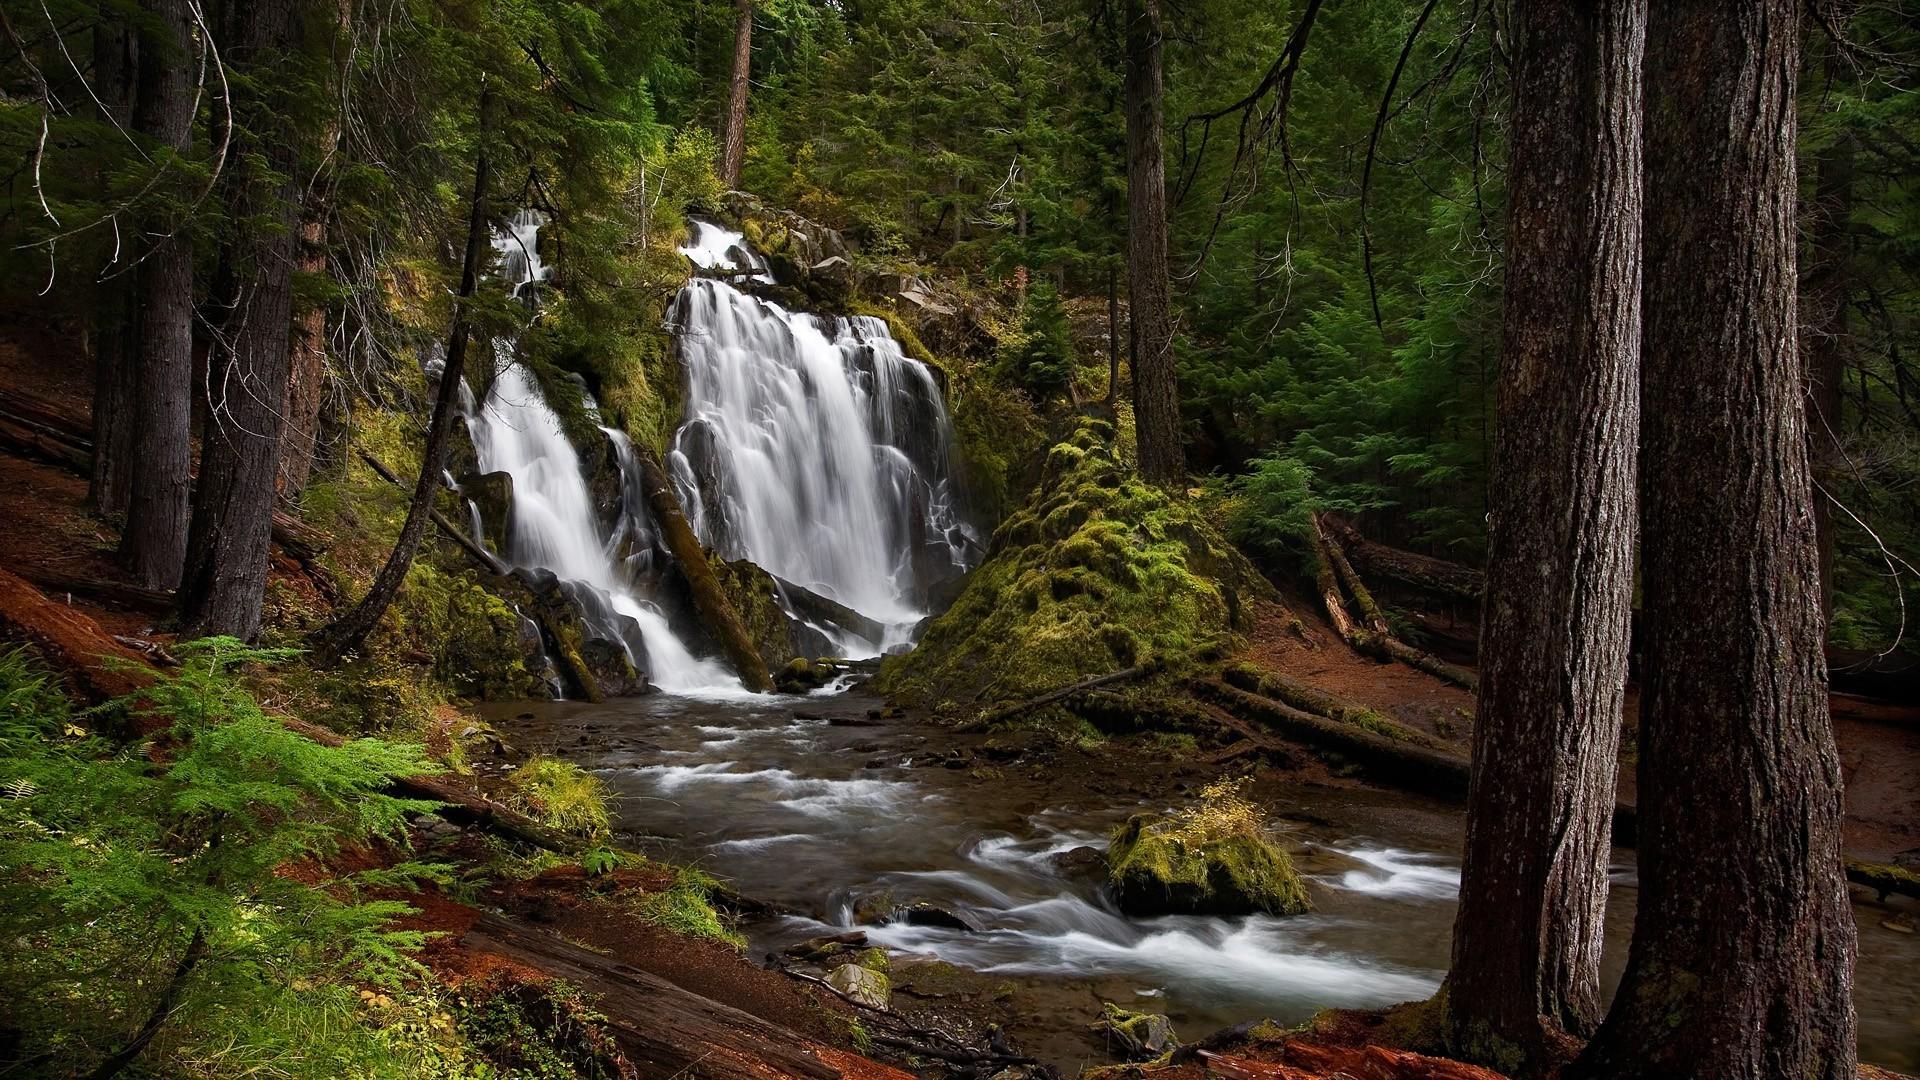 Interfacelift Fall Wallpaper Fond D 233 Cran Cascade Eau La Nature Rivi 232 Re R 233 Gion